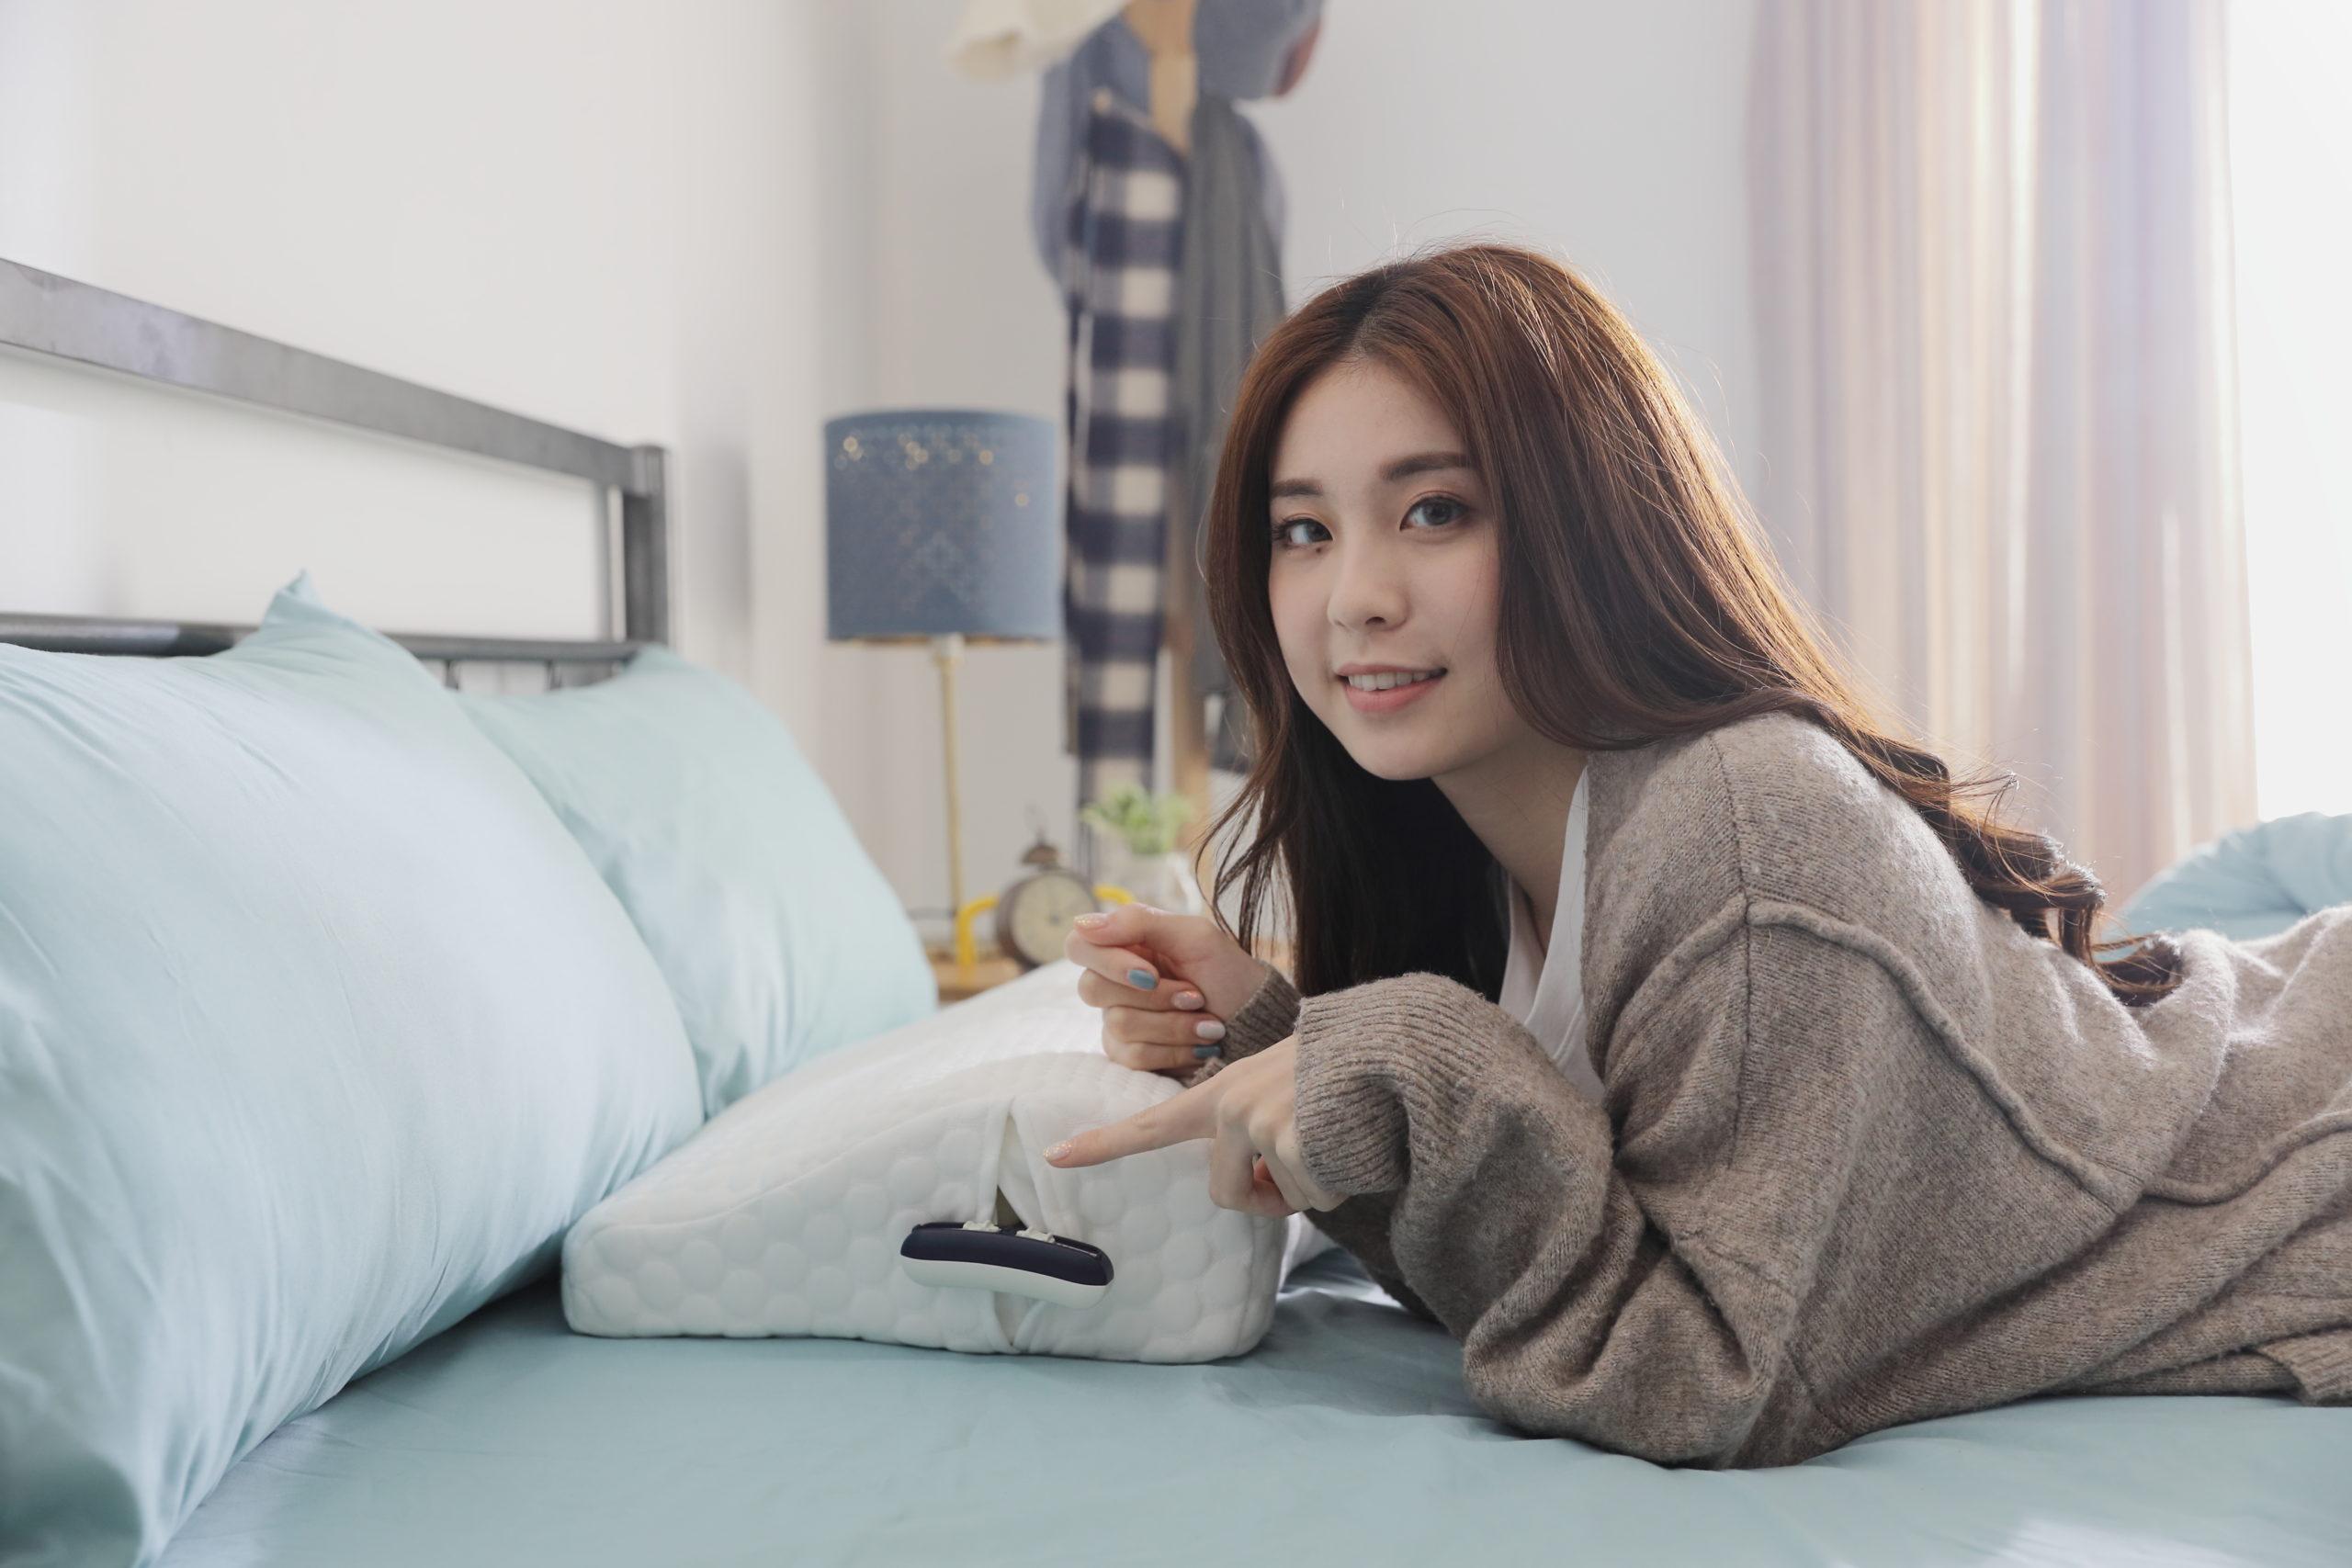 枕上人-智控平衡枕 16段可調節式記憶枕